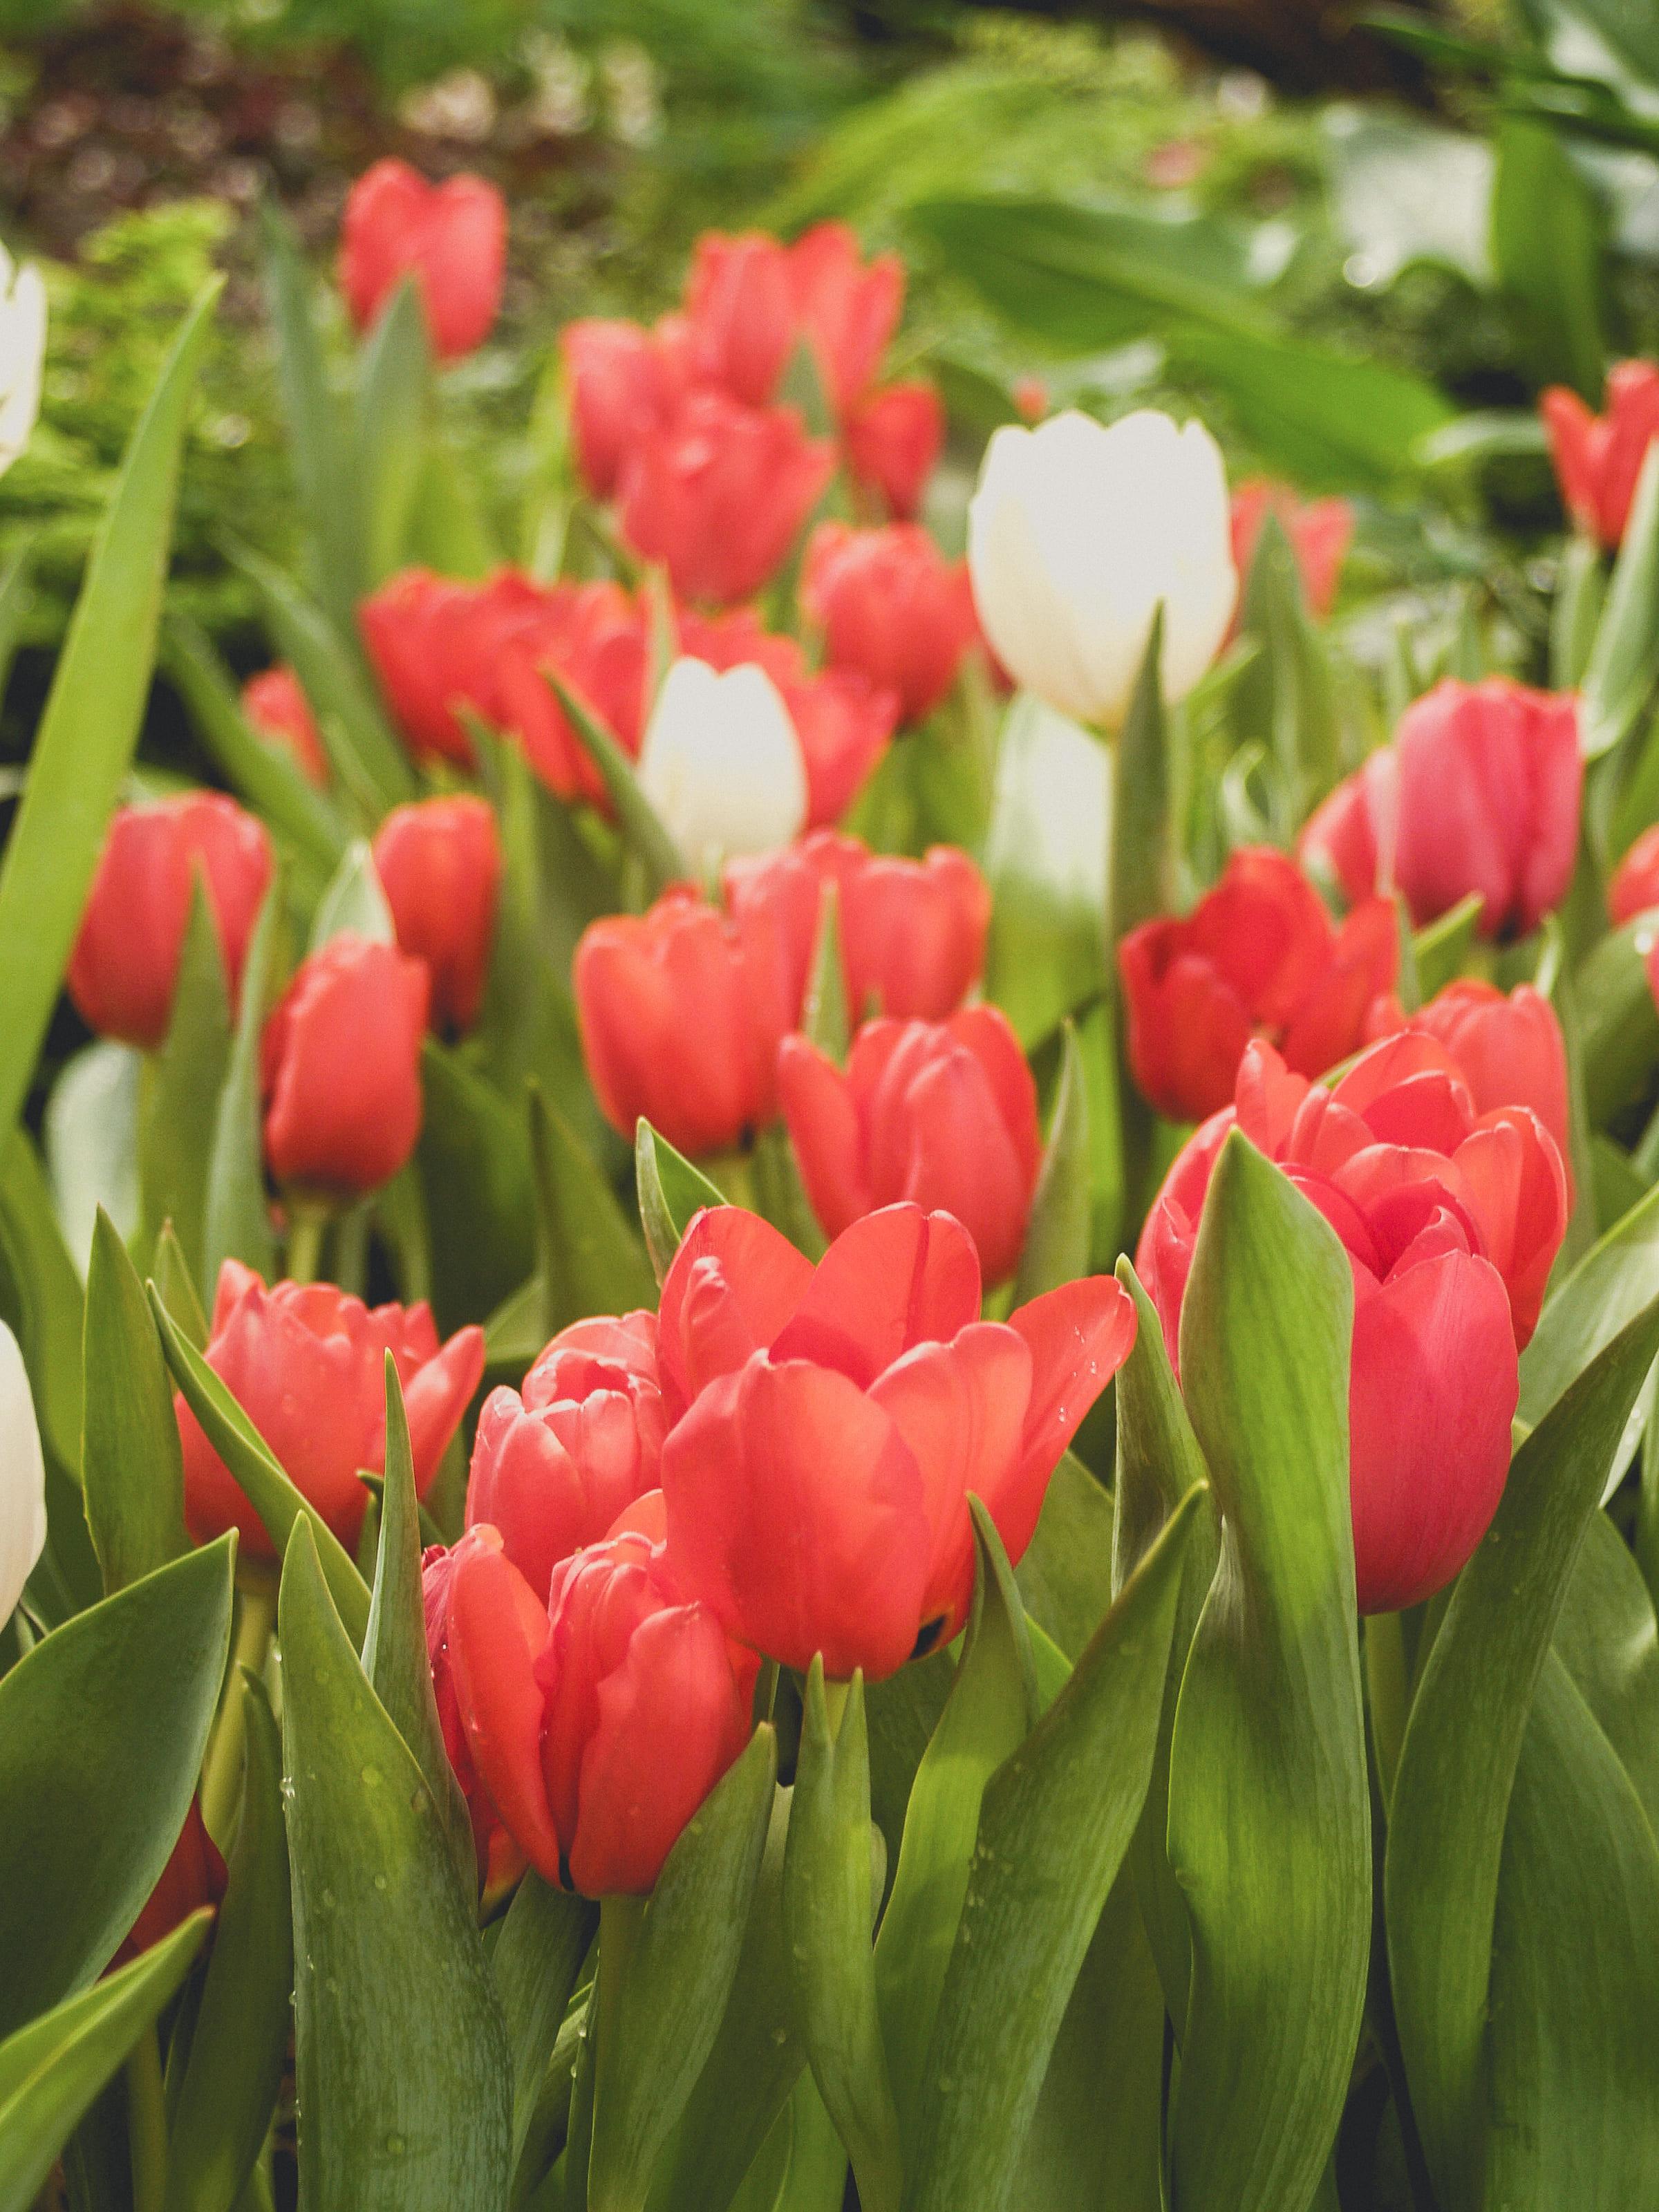 tulip-photo-32